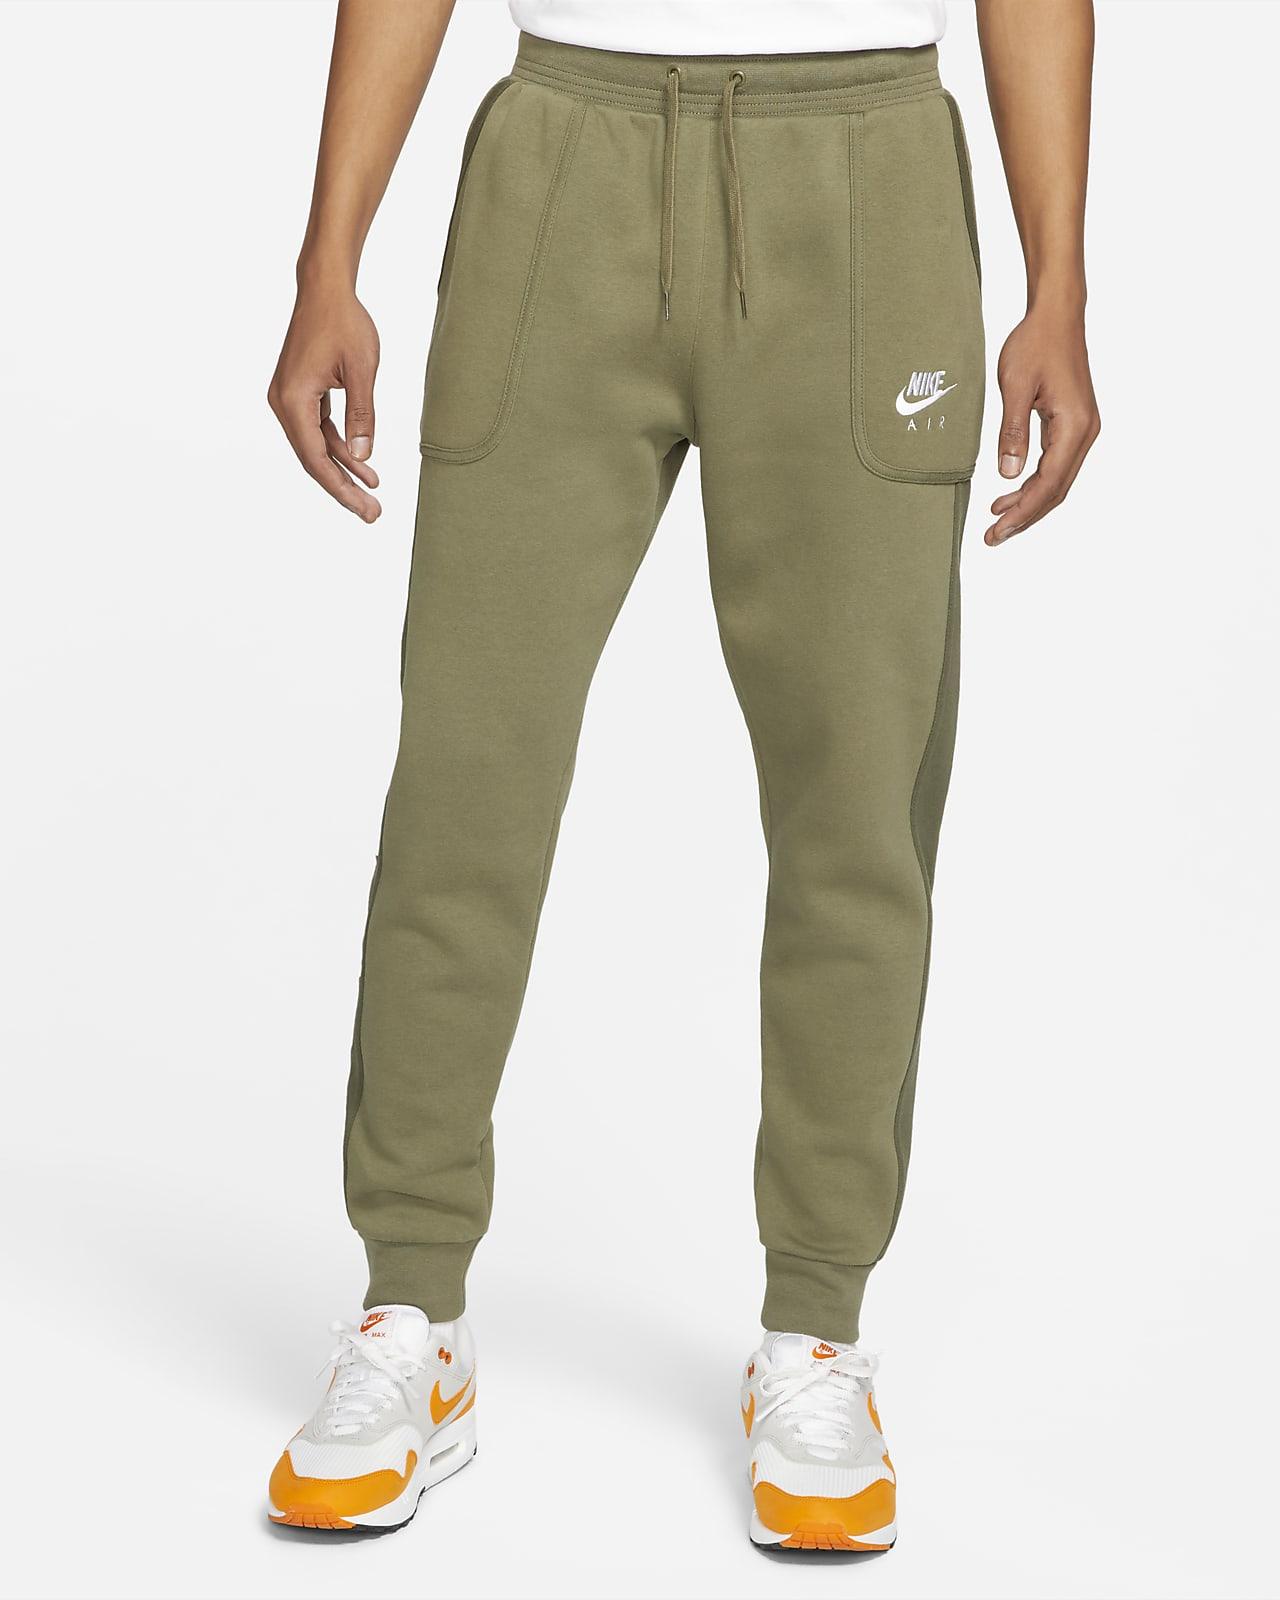 Nike Air Fleece Erkek Jogger'ı